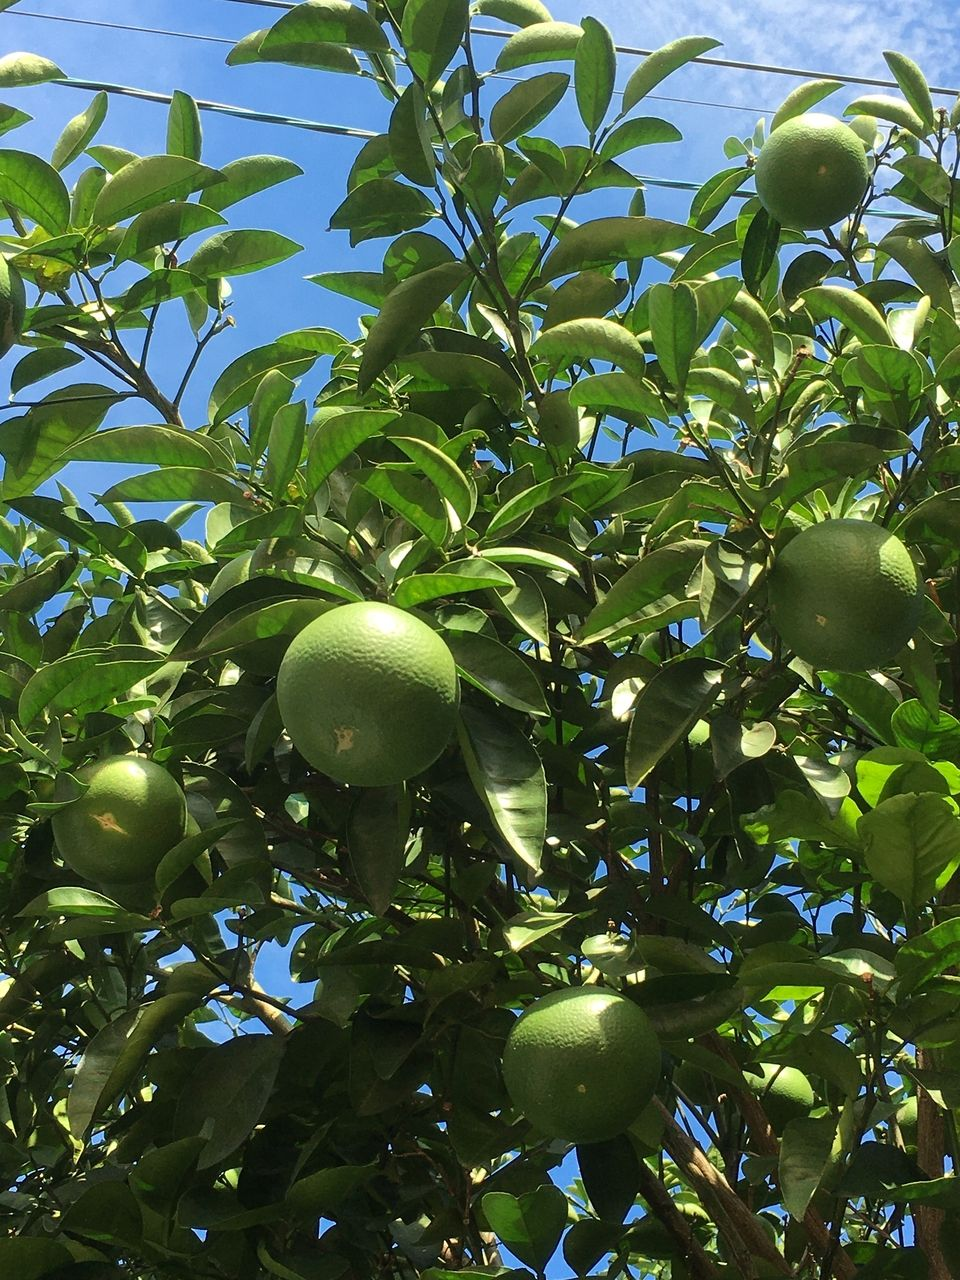 太陽の陽射しに輝く、大きくなってきた蜜柑の実